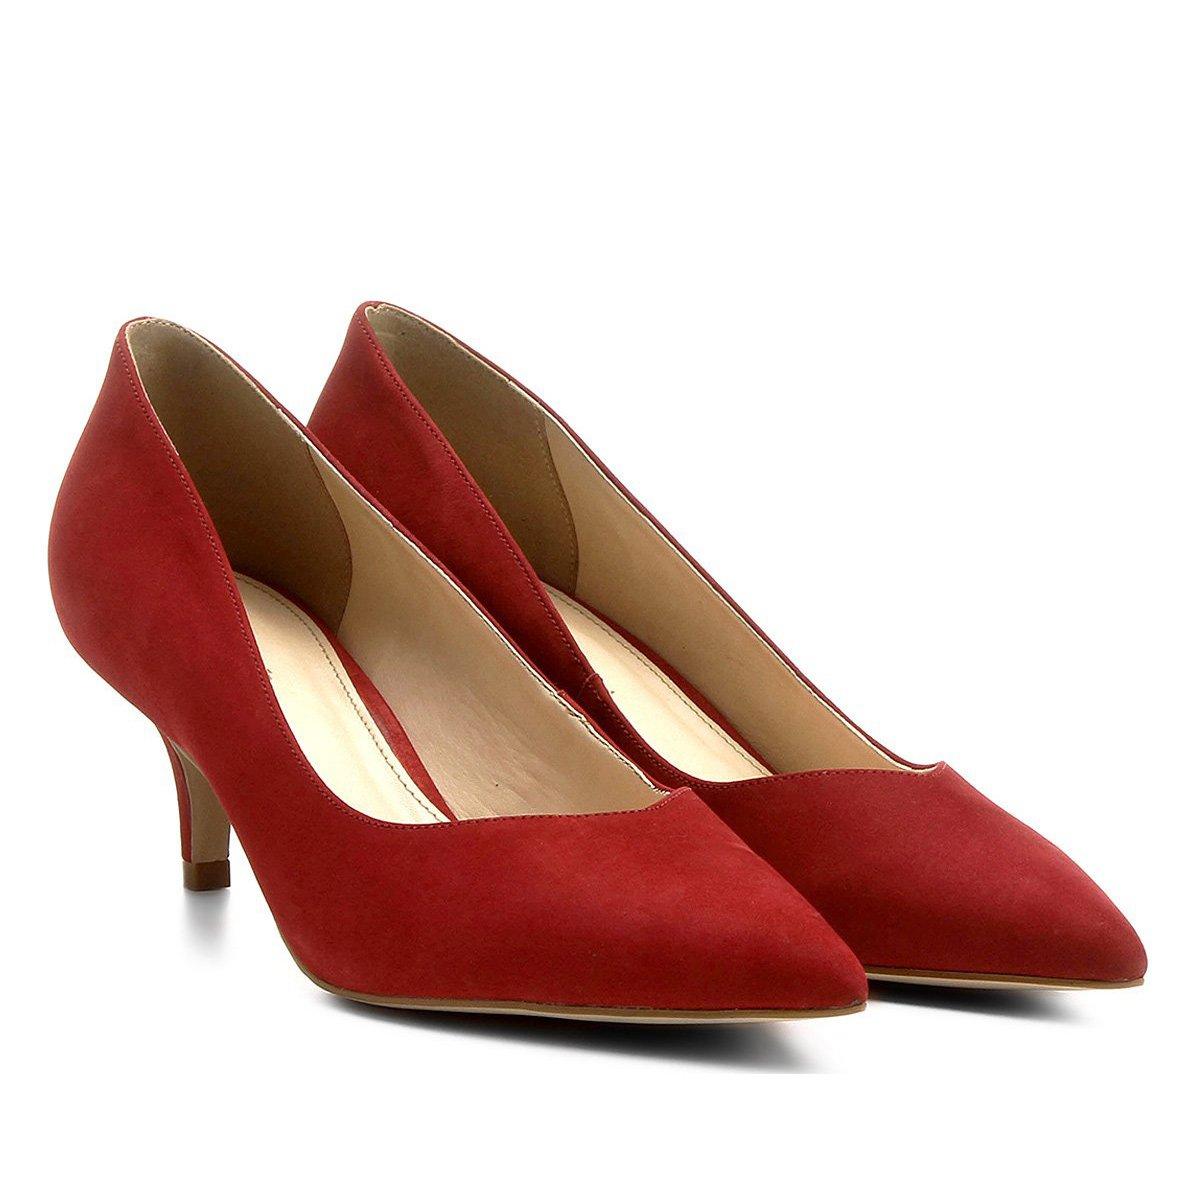 91136a2c1 Scarpin Couro Shoestock Salto Médio Bico Fino - Vermelho - Compre Agora